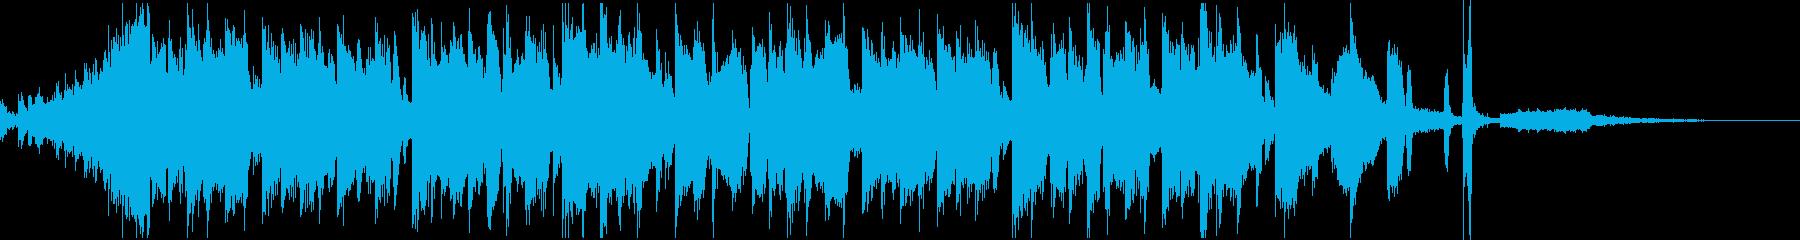 Future POPヴォーカルのジングルの再生済みの波形